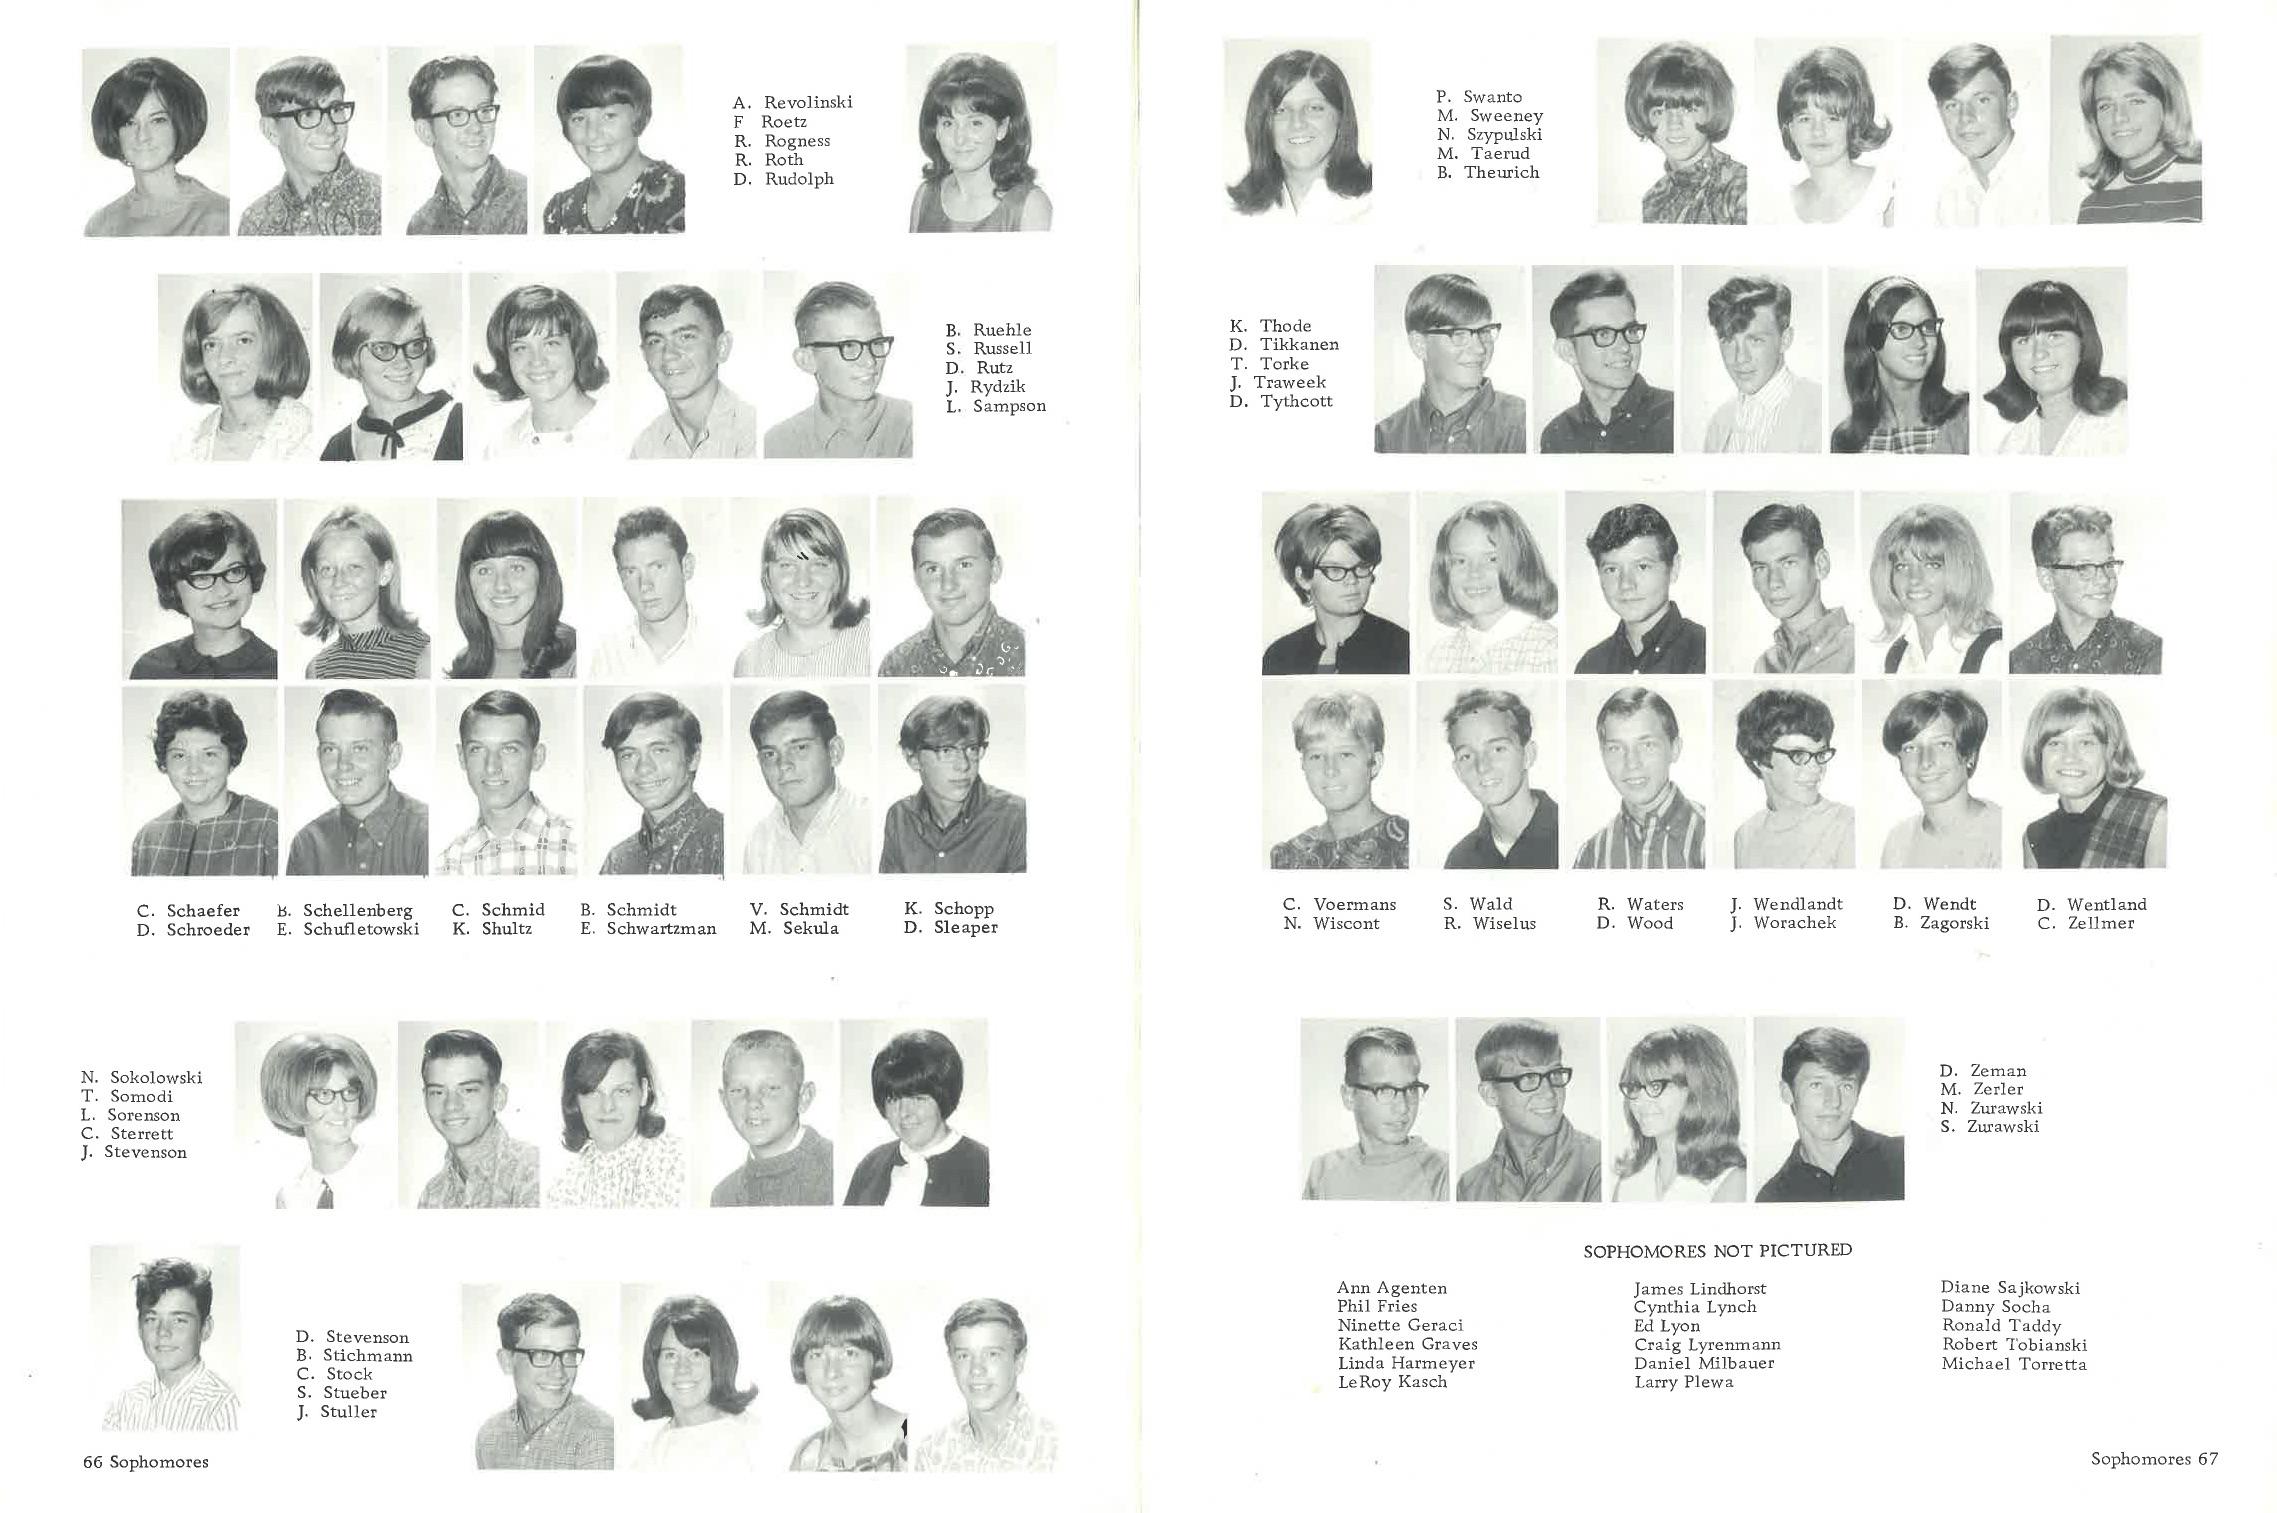 1968_Yearbook_34.jpg